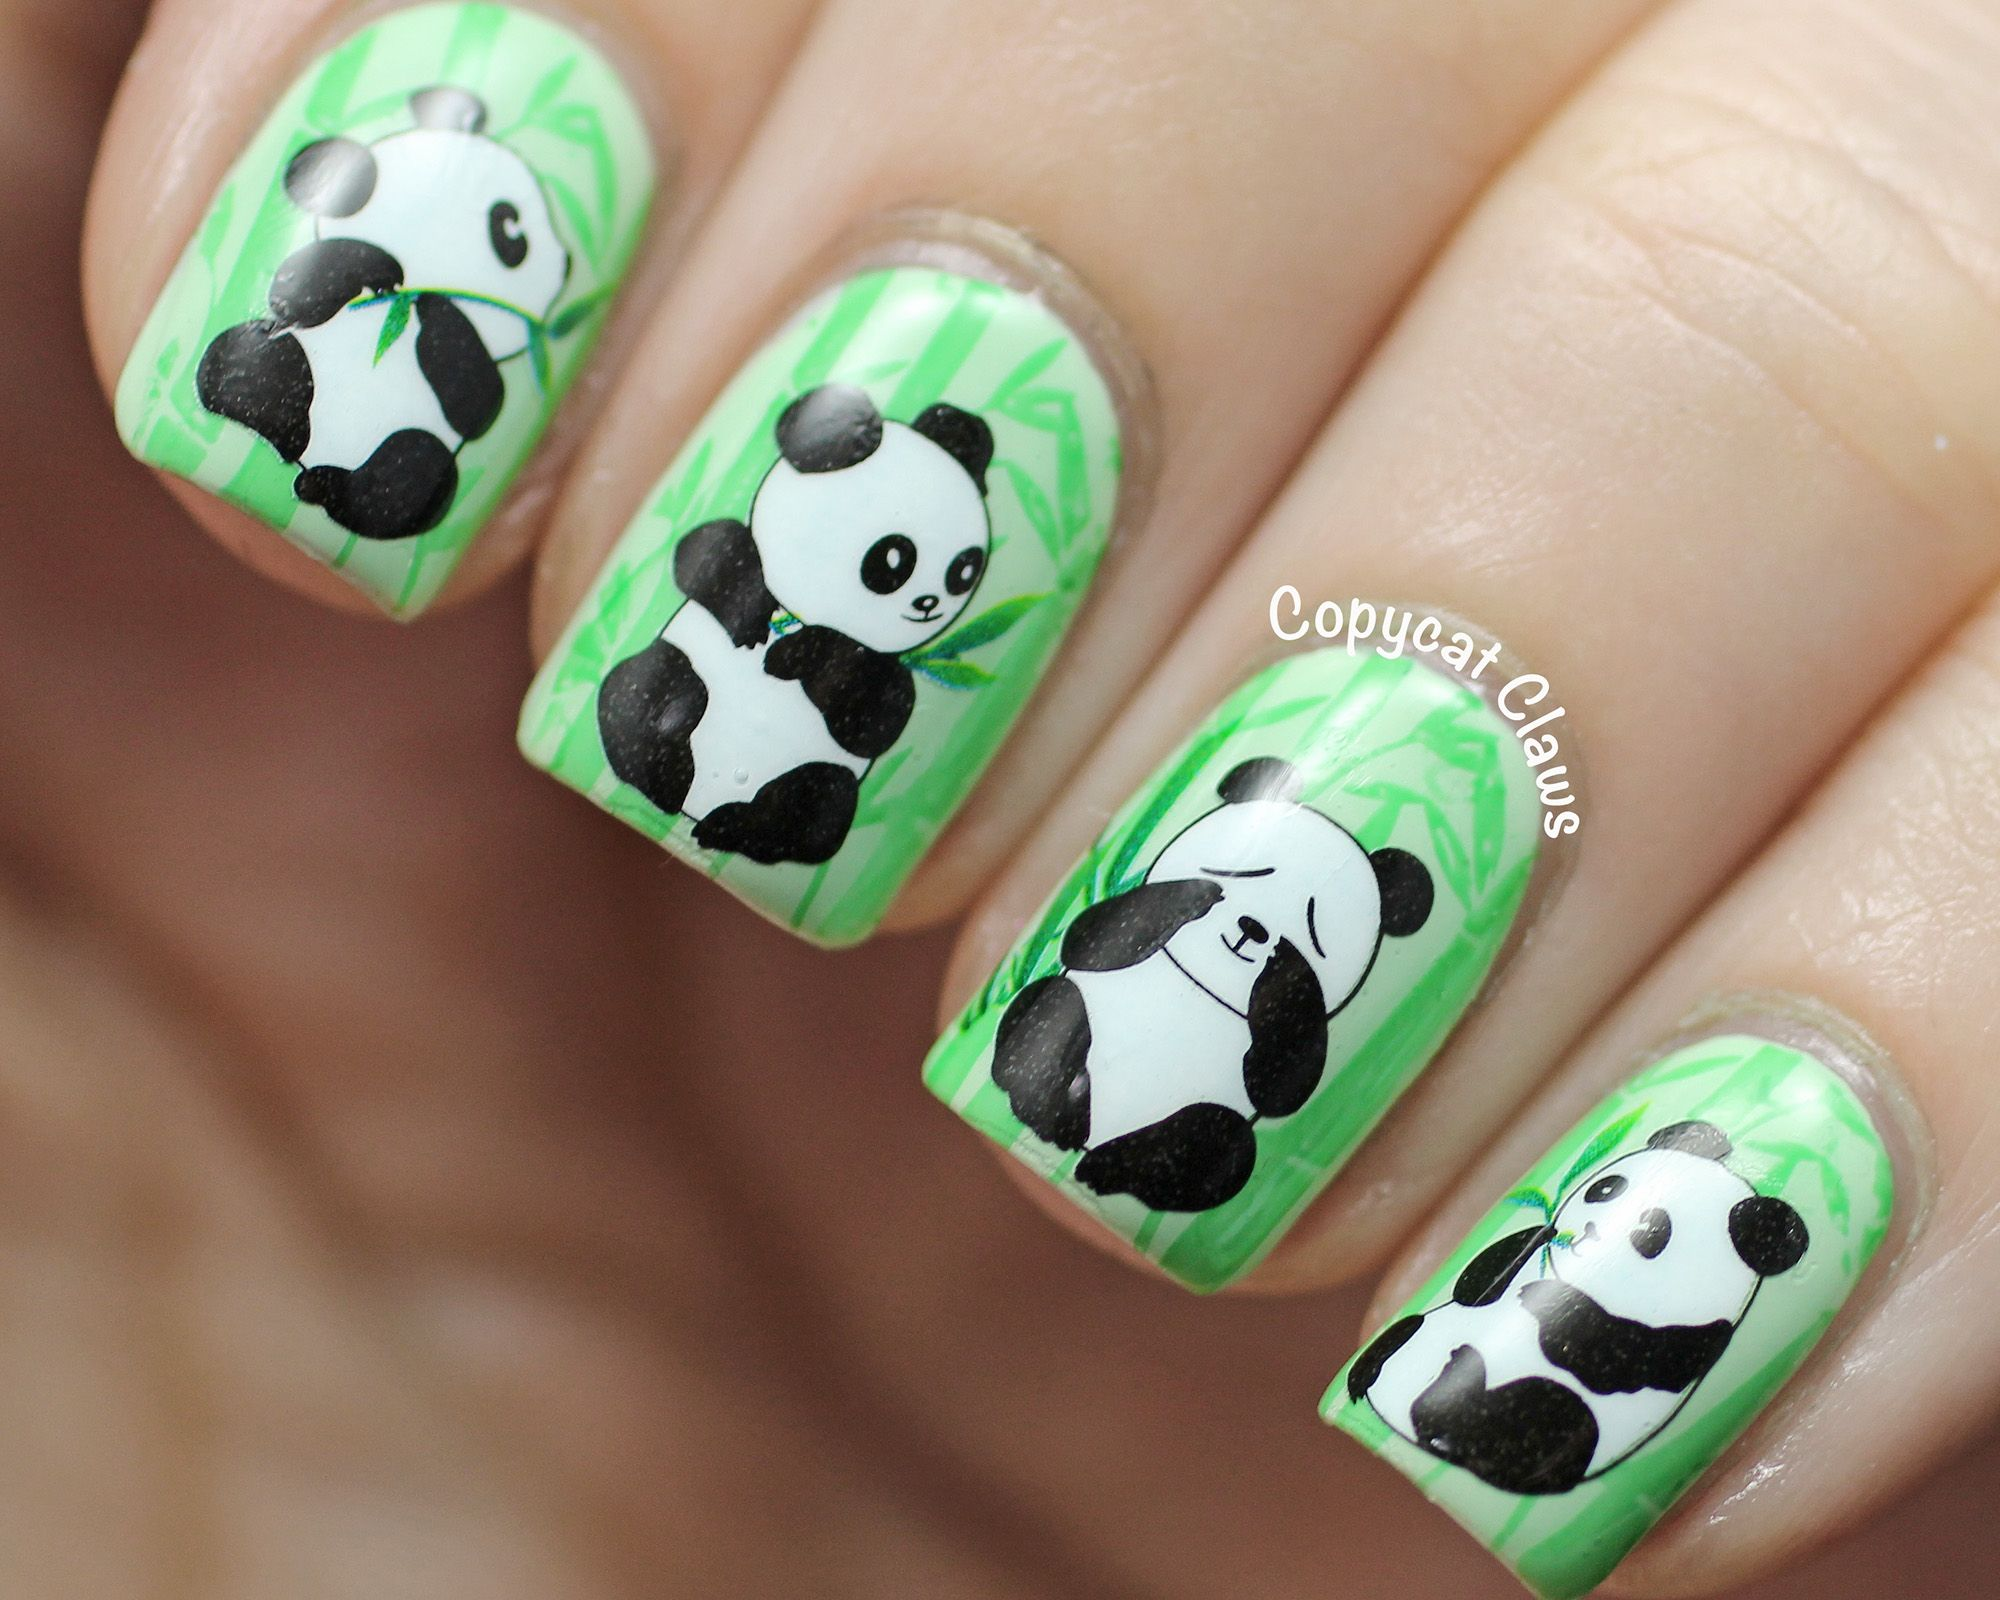 Copycat Claws: Panda #nail #nails #nailart | nails | Pinterest ...